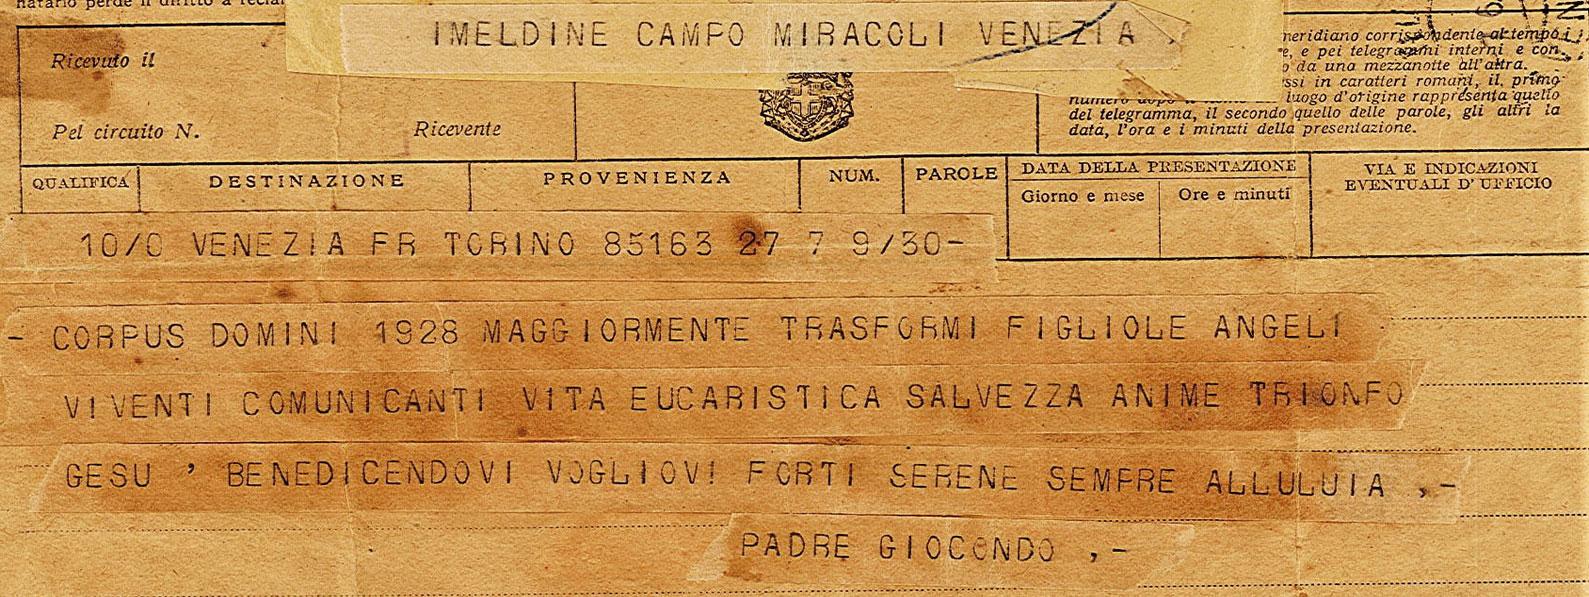 Telegramma Giocondo Lorgna